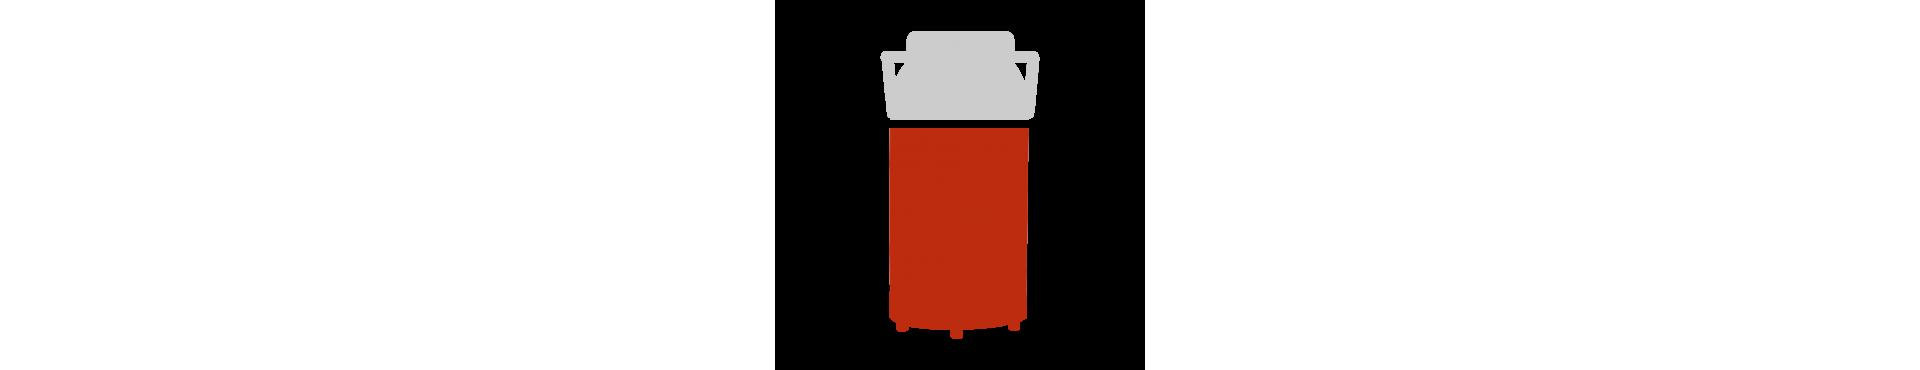 Macchinette per caffè in CAPSULE